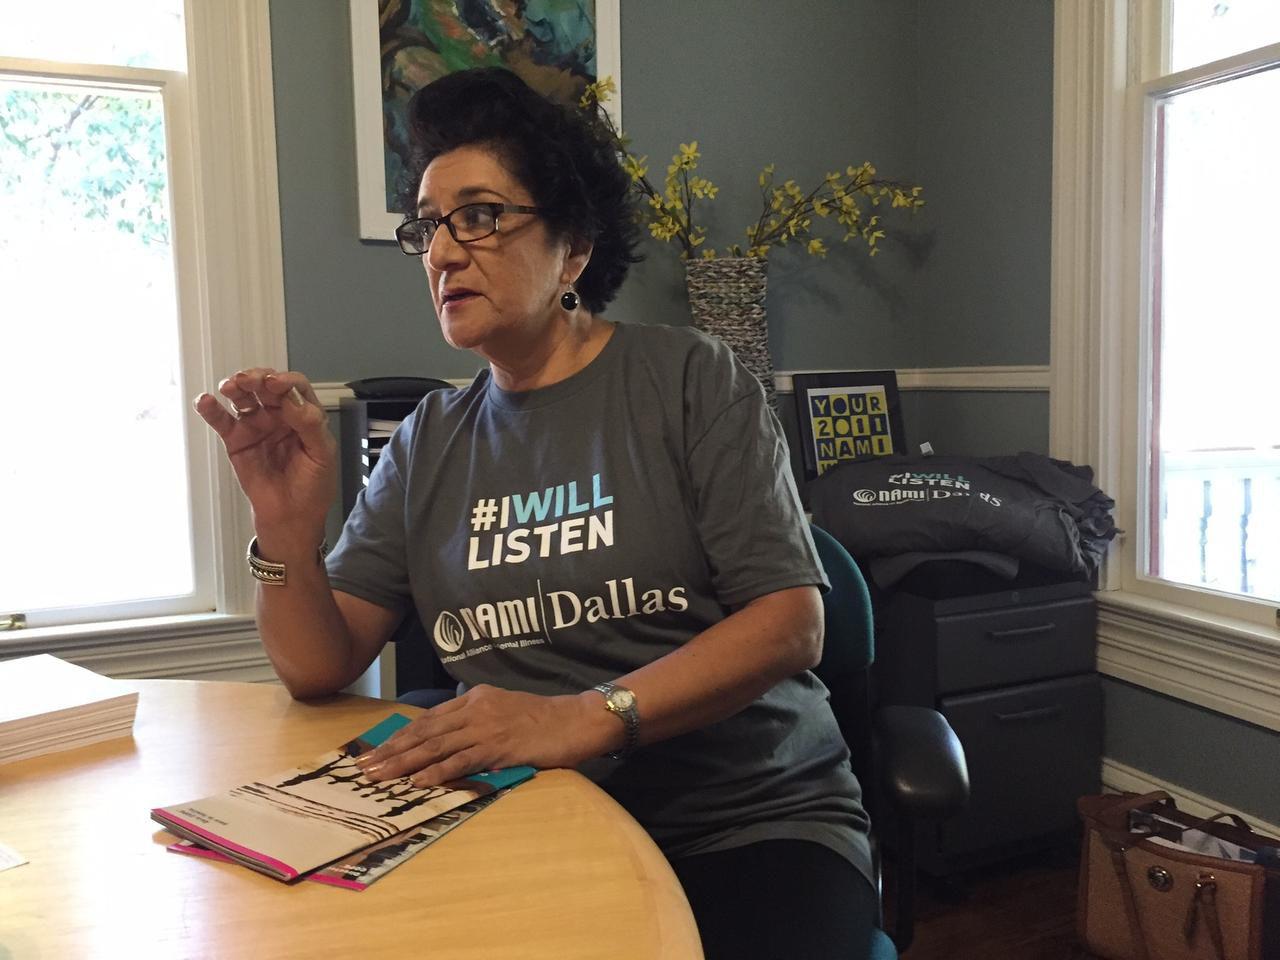 Claudia Smith porta una camiseta con la campaña #IWillListen para que la gente ponga atención a las enfermedades mentales. ( AL DÍA/ANA AZPURUA)